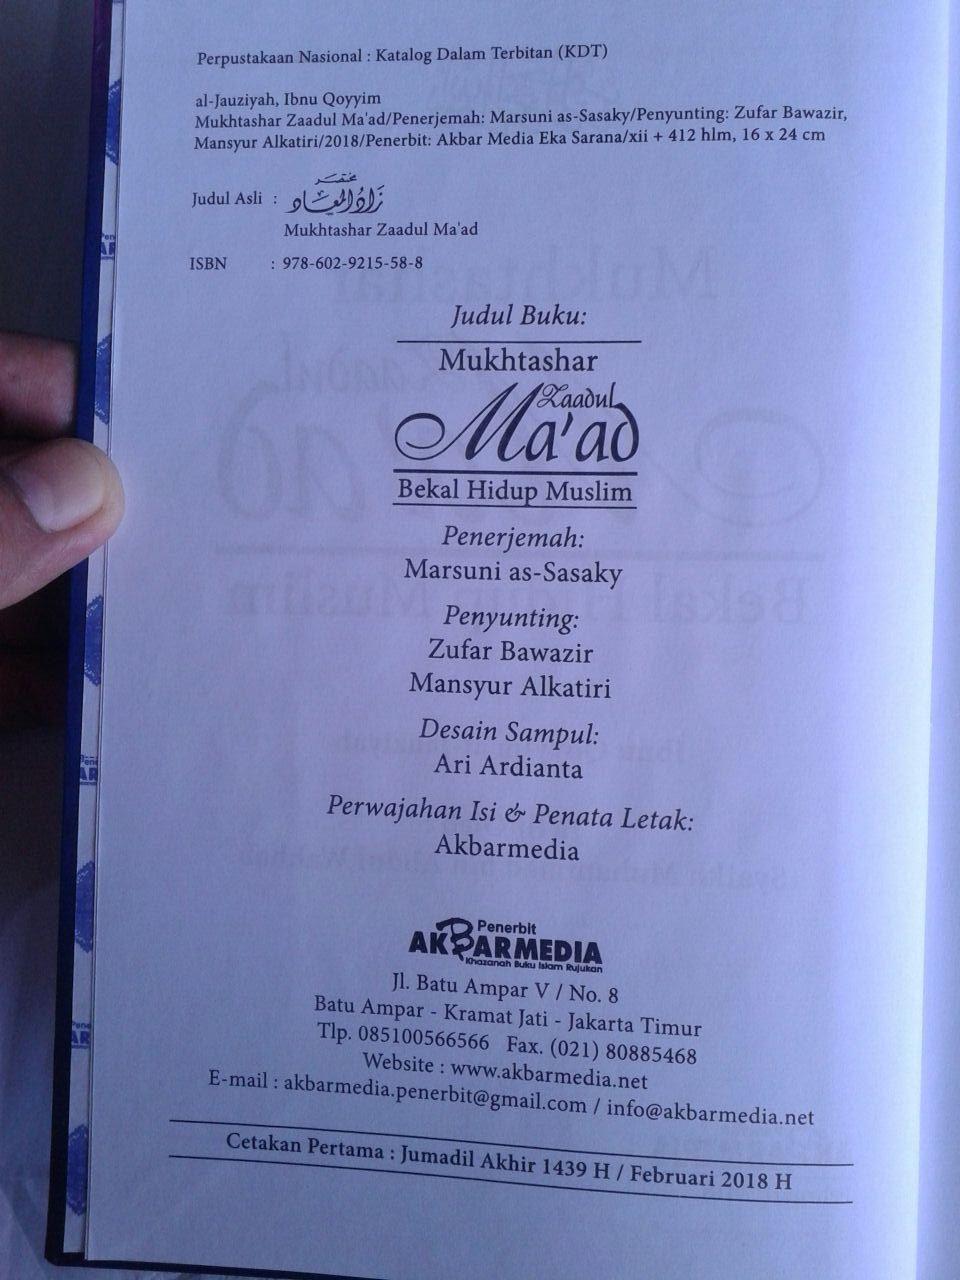 Buku Mukhtashar Zaadul Maad Bekal Hidup Muslim isi 3